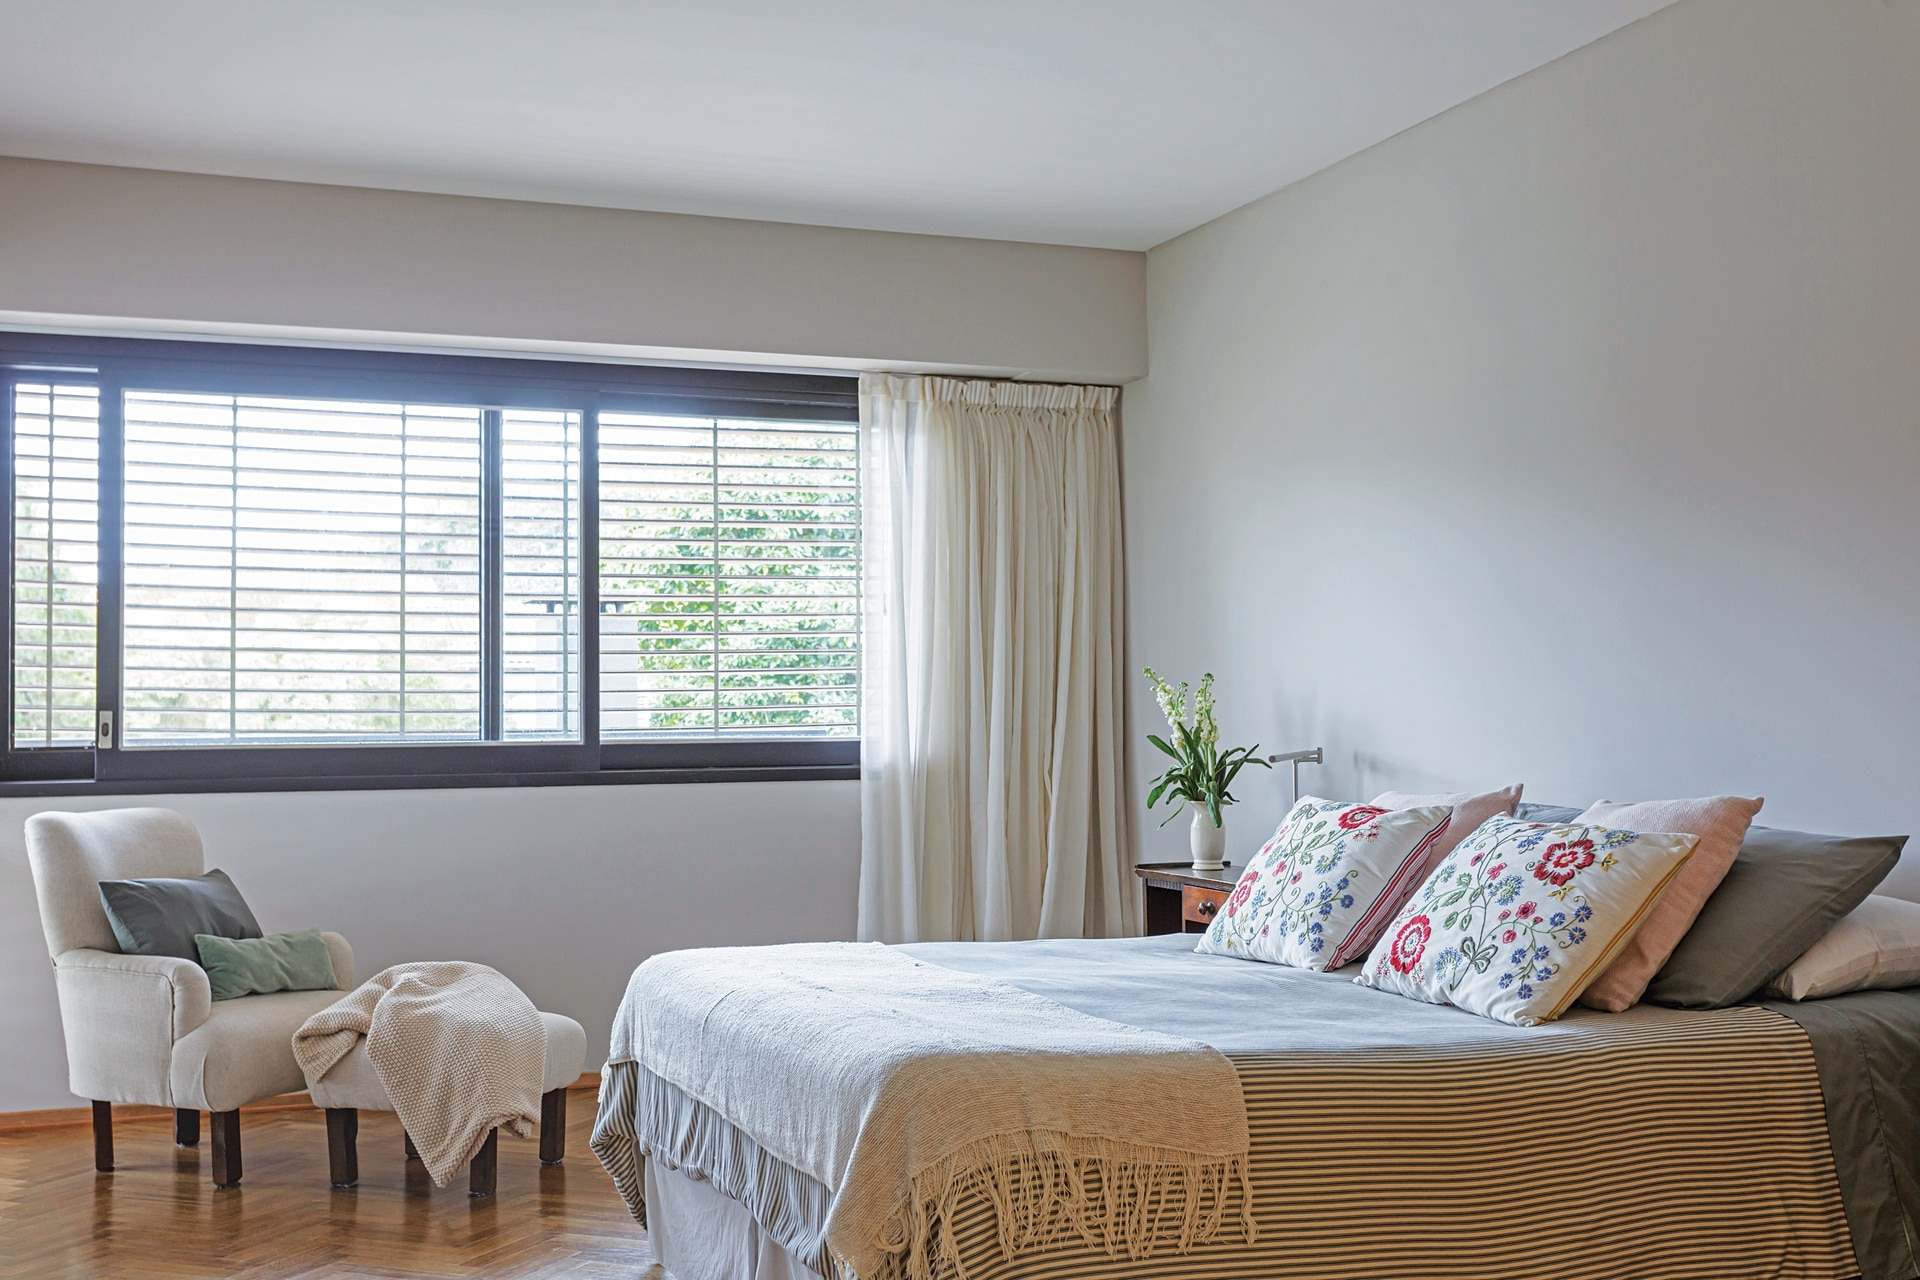 Sillón con apoyapiés y la cama con cover de algodón (Pottery Barn), almohadones bordados (Zara Home) y pie de lana (Galpón Chic).